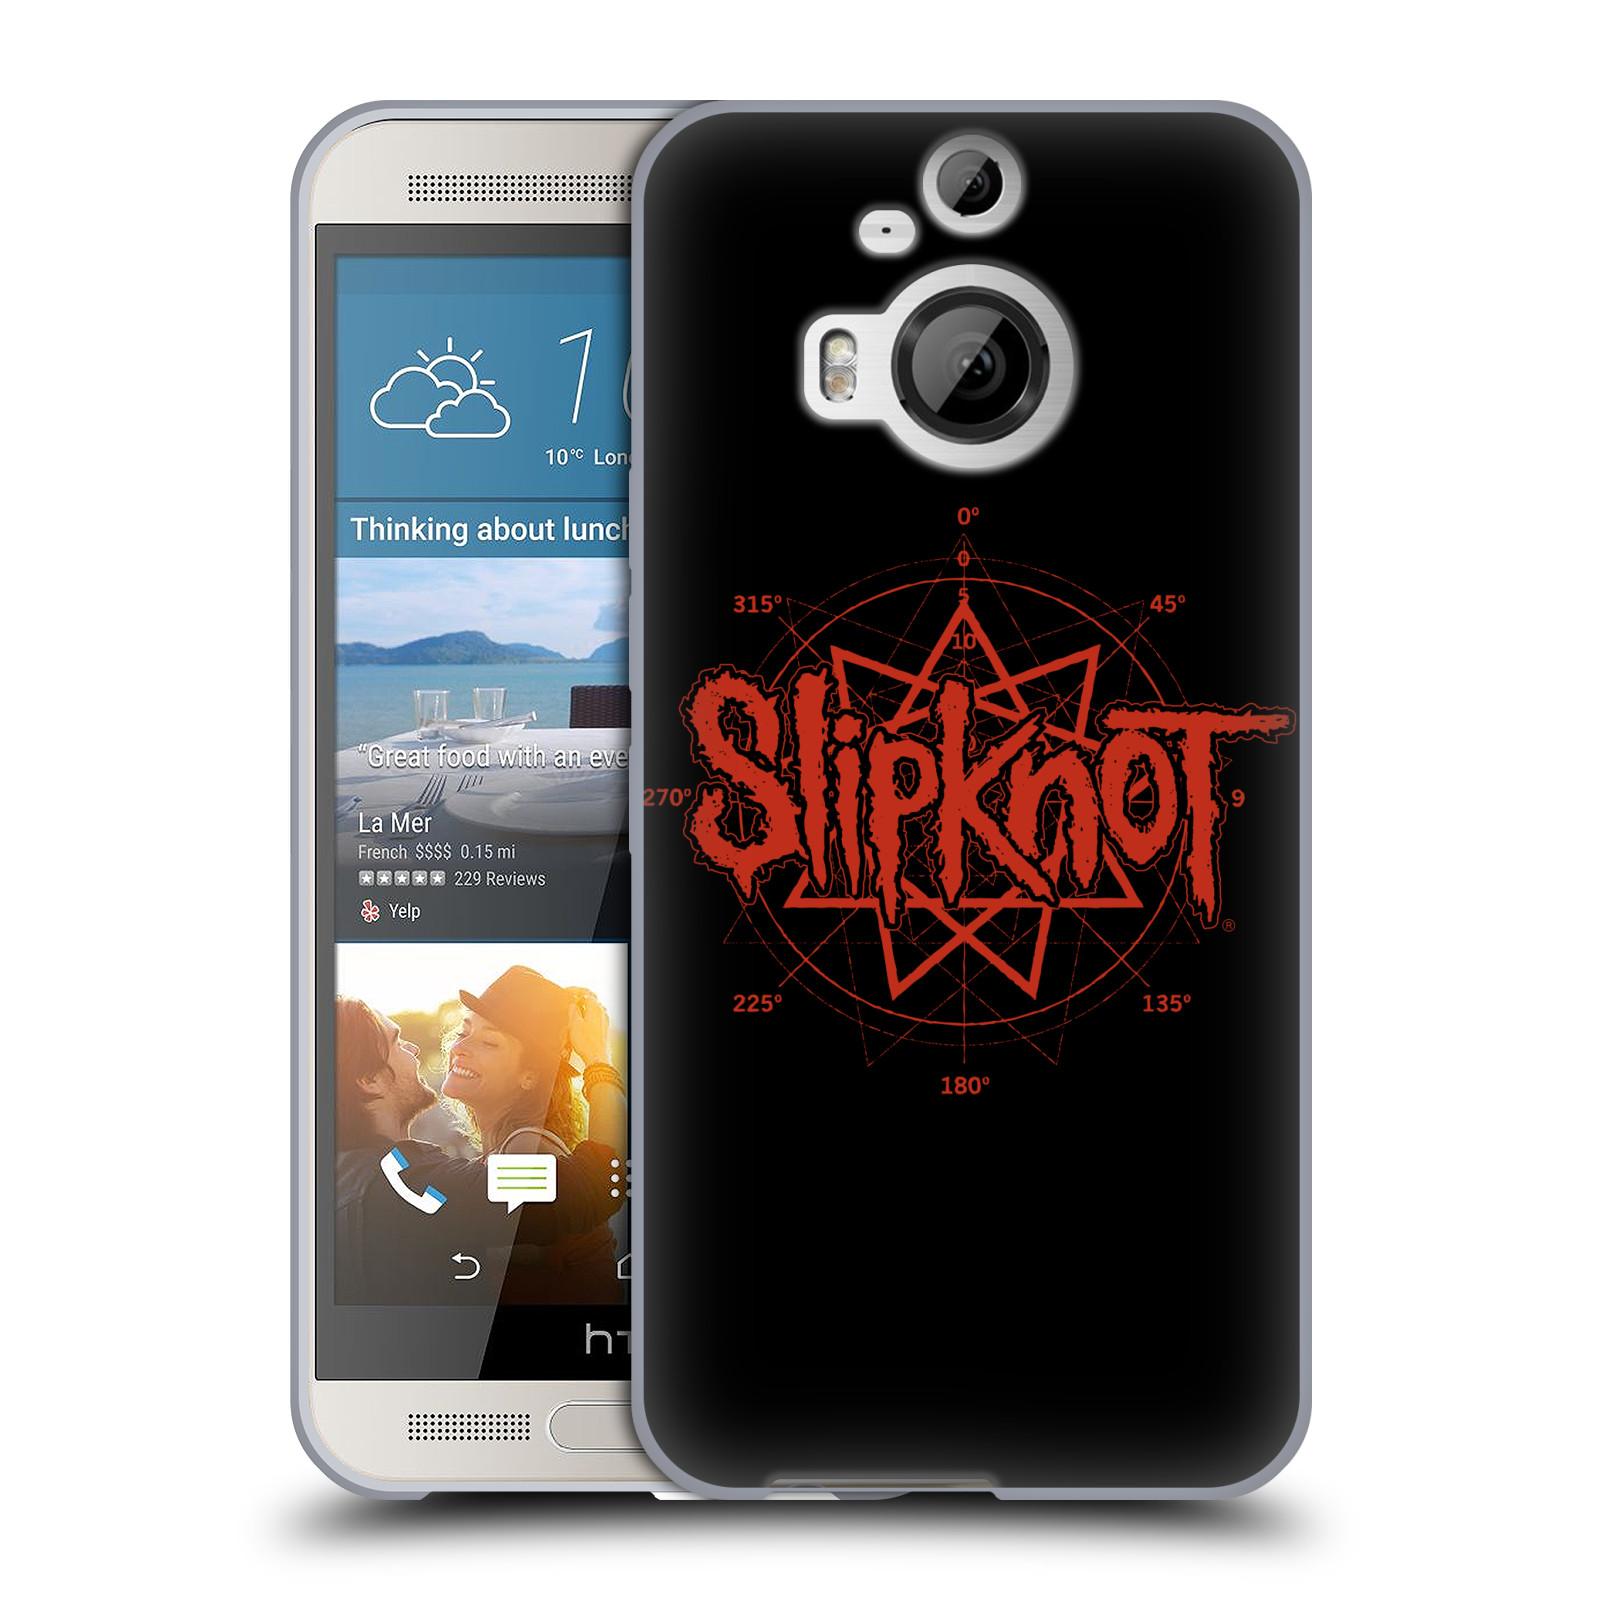 HEAD CASE silikonový obal na mobil HTC One M9 PLUS hudební skupina Slipknot logo